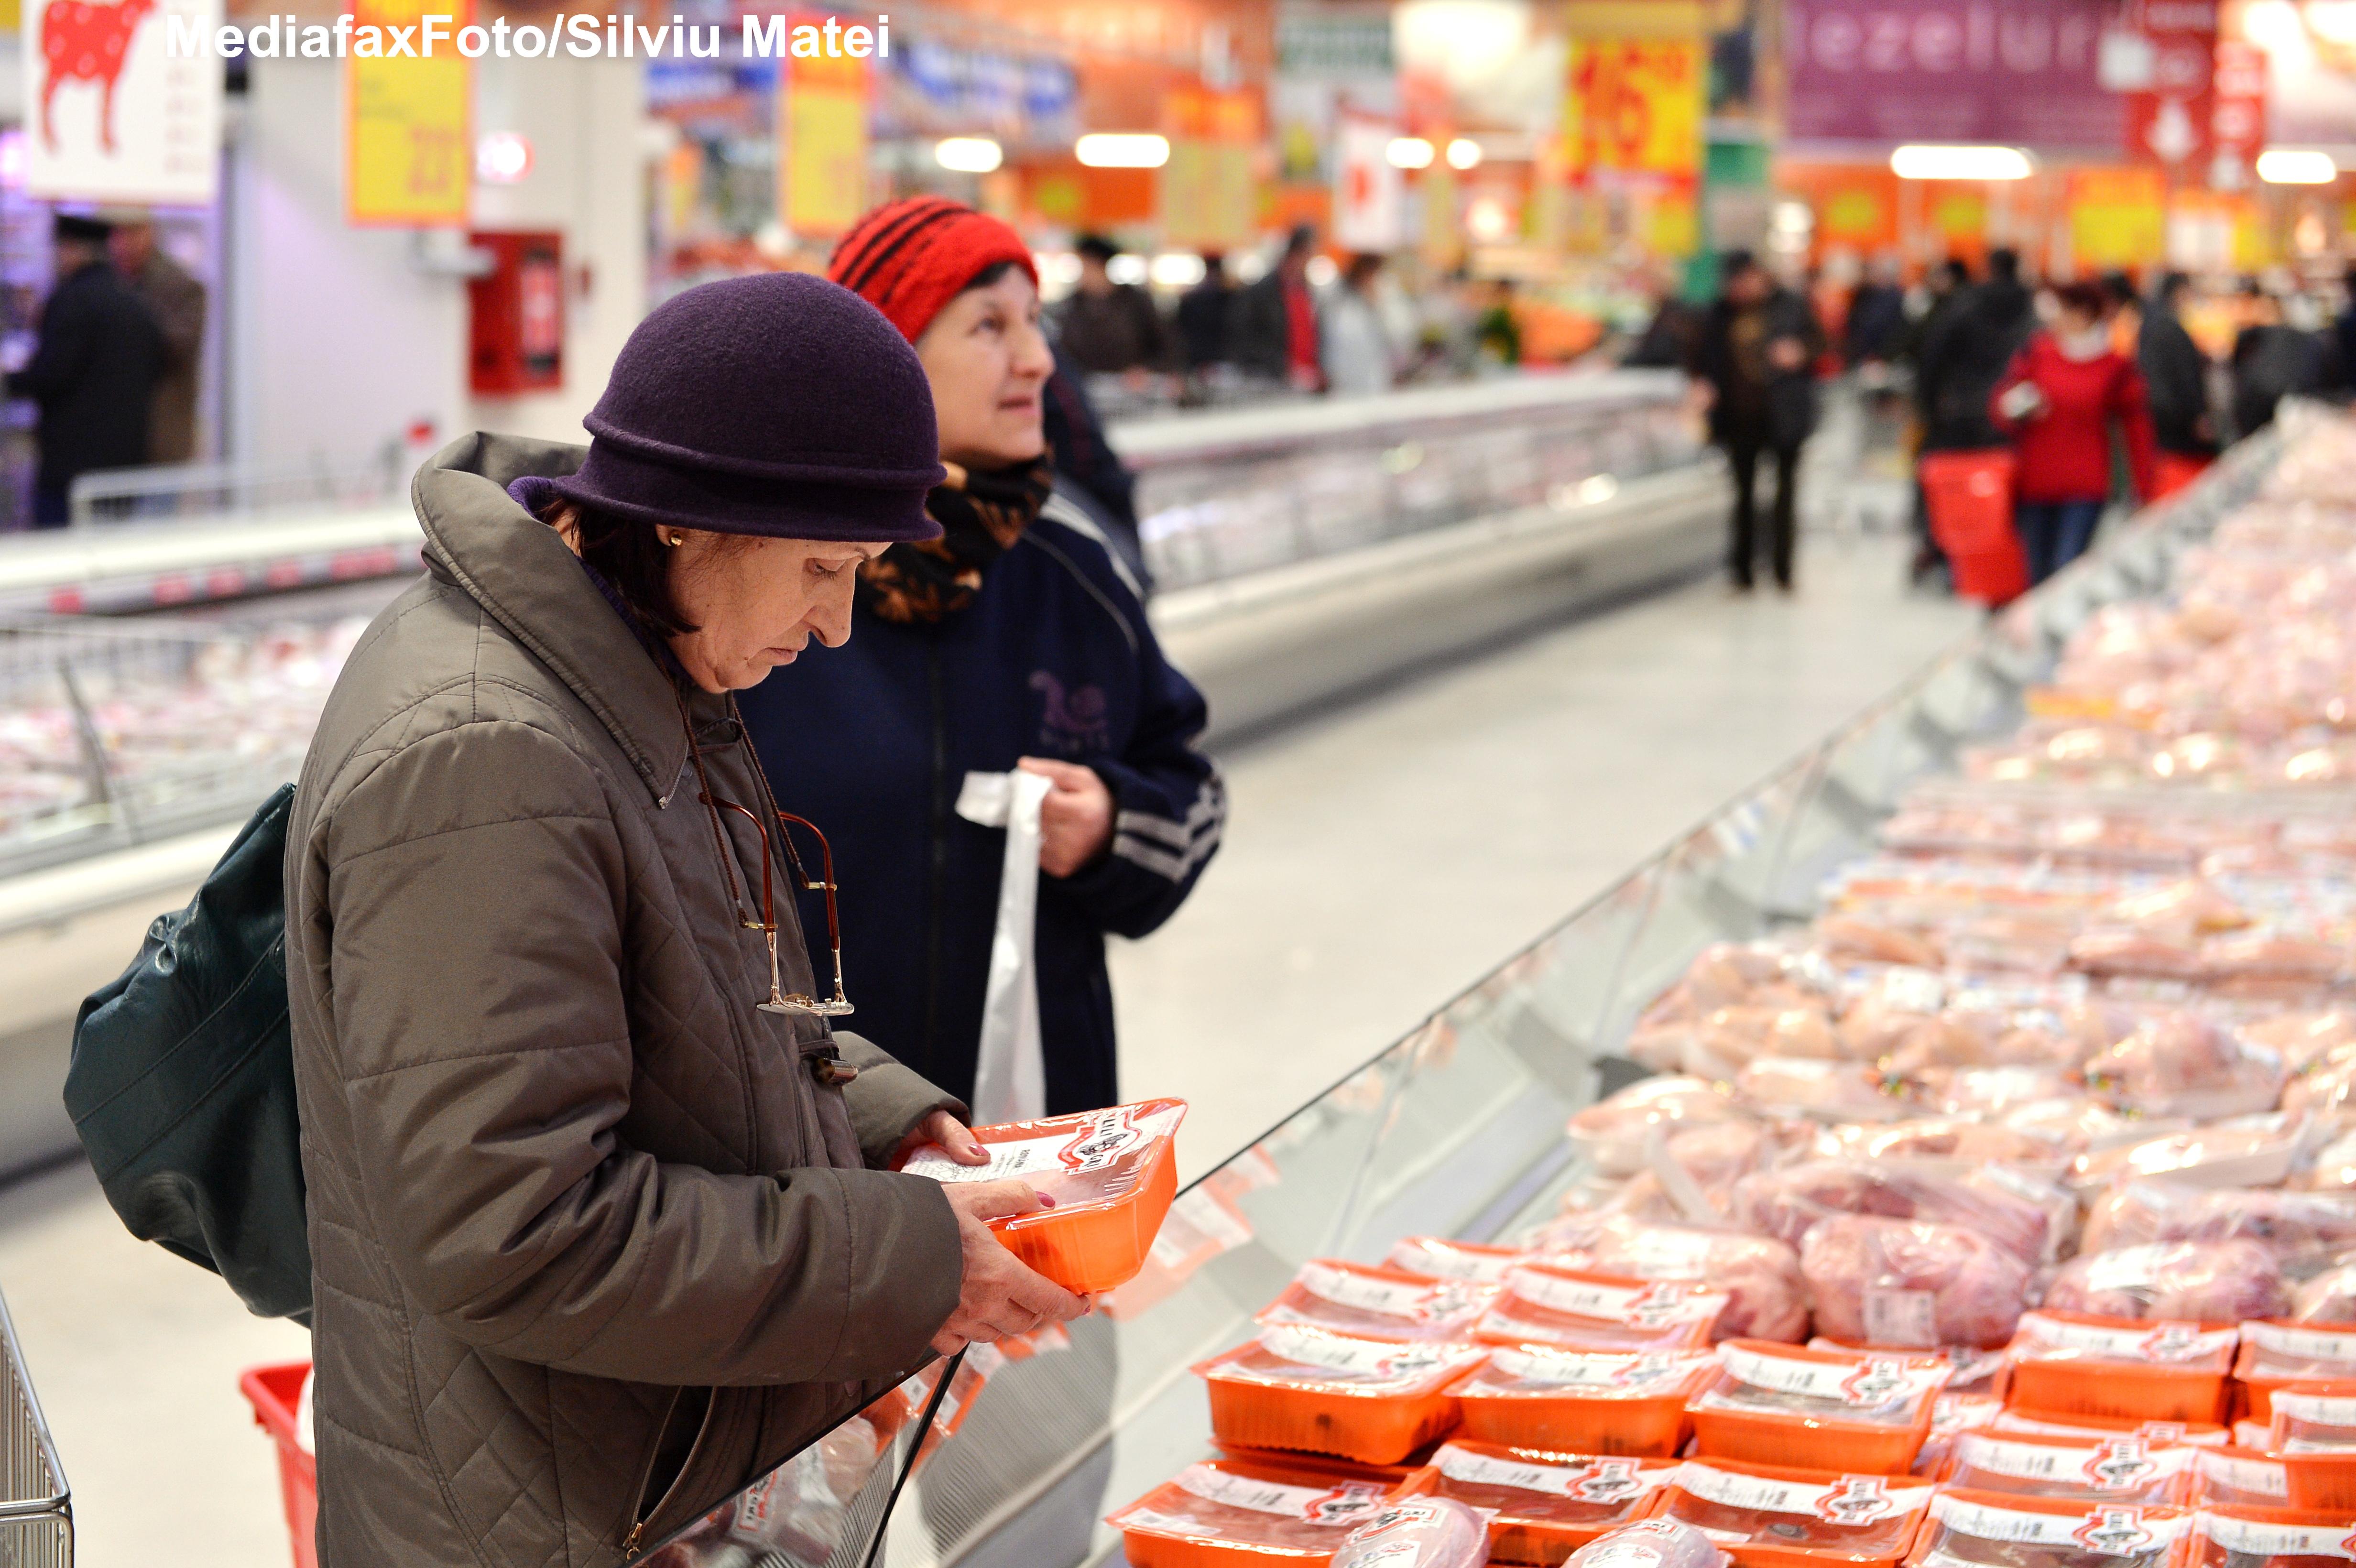 Carne de curcan cu reziduuri de antibiotic, trimisa in Germania de la o ferma din Romania